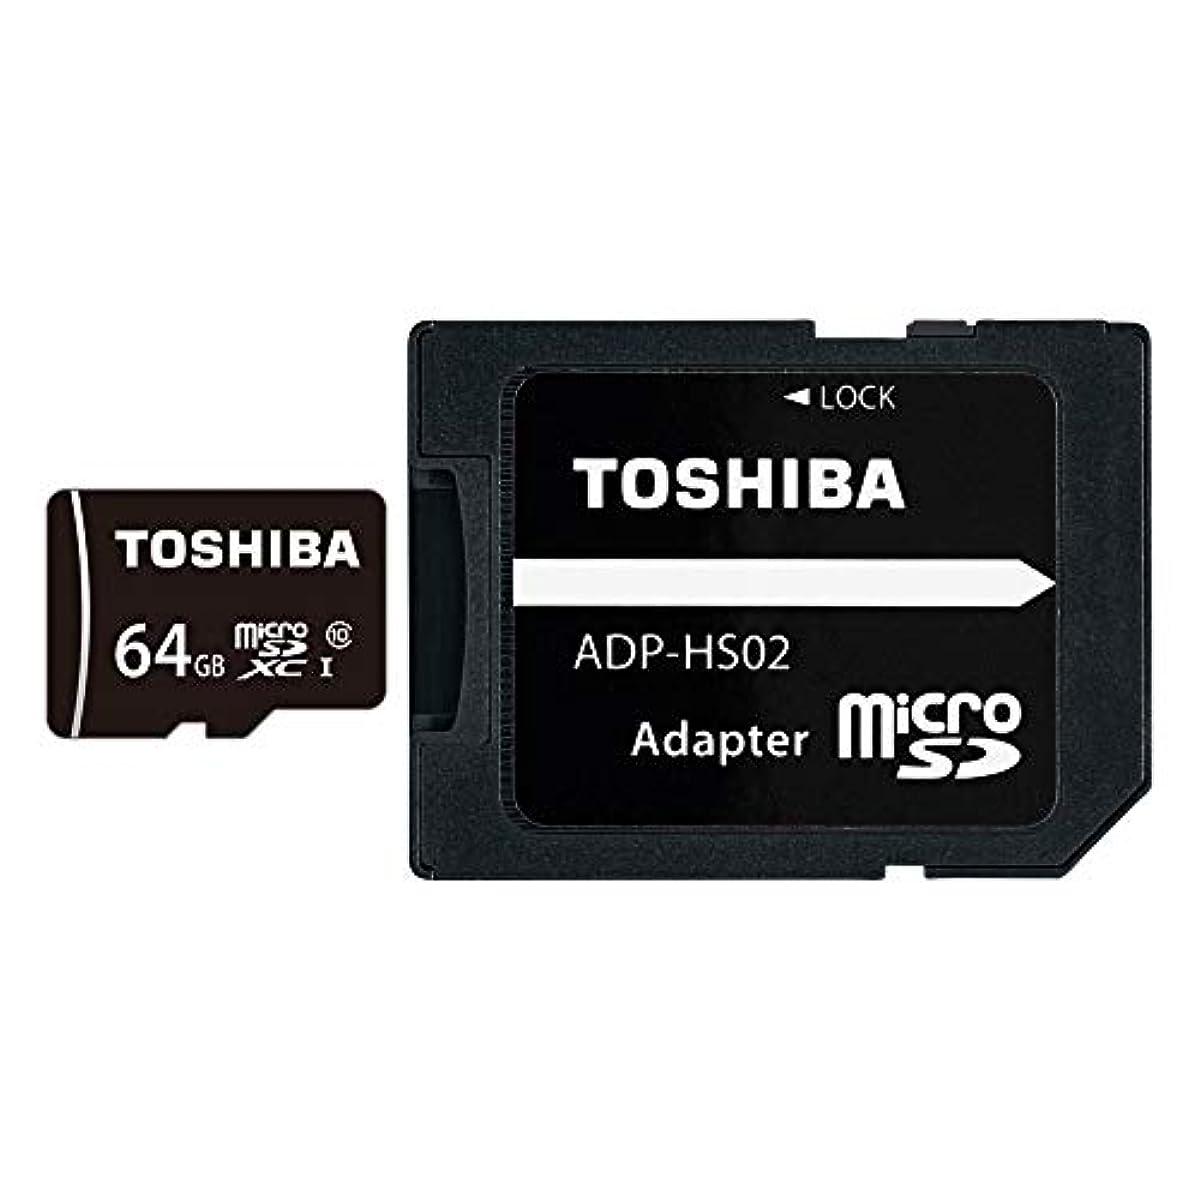 [해외] 도시바 microSDXC 카드 64GB